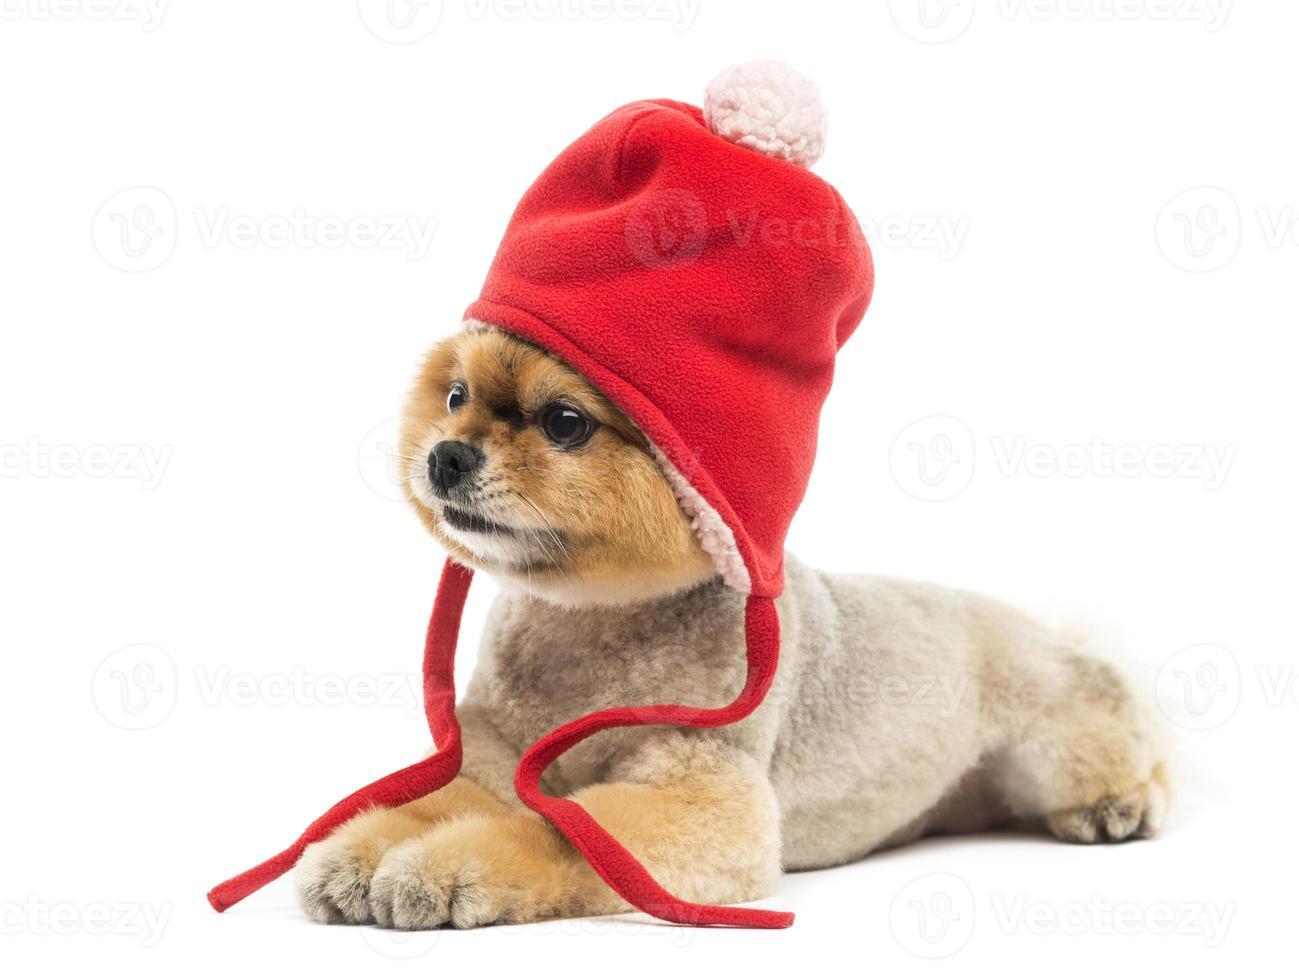 grommed pomeranian hund som ligger och bär en röd motorhuv foto